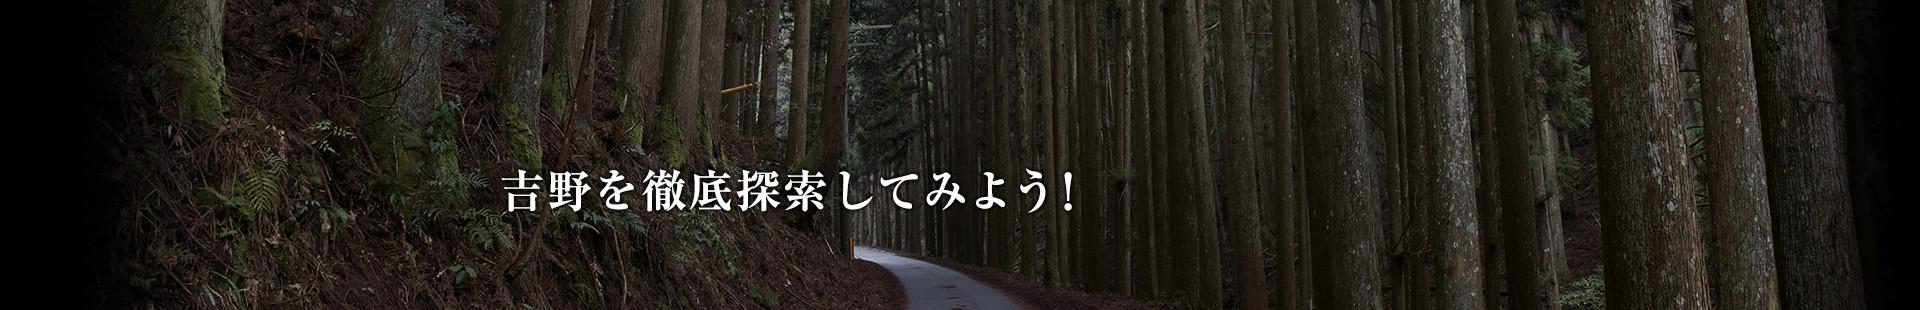 森に抱かれ、吹く風に癒しを感じる